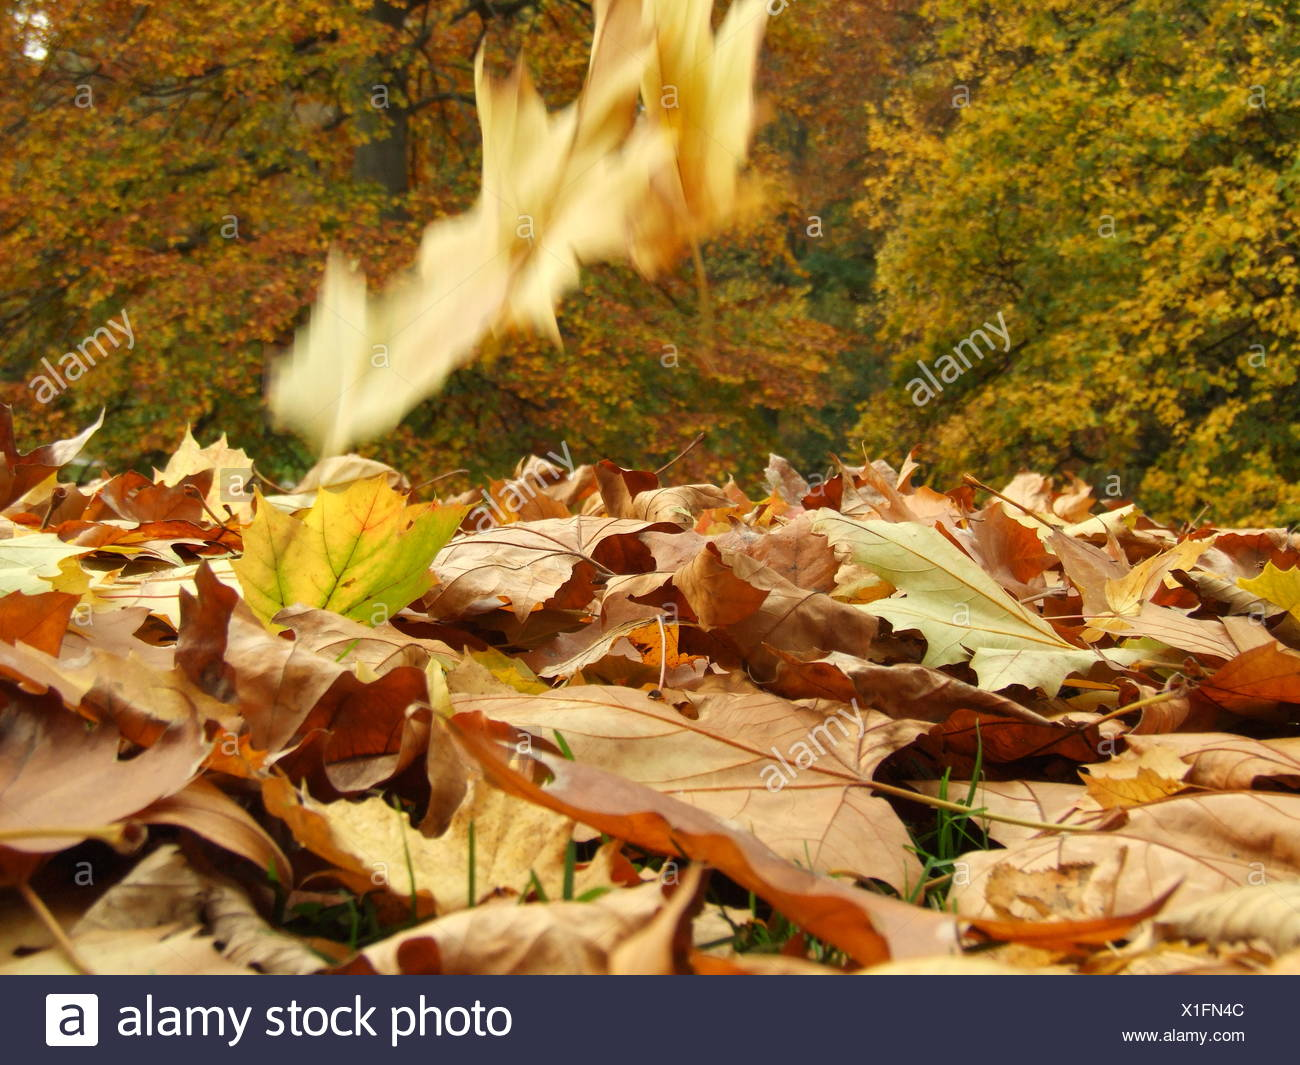 Schön Malvorlagen Fallen Blätter Zeitgenössisch - Druckbare ...